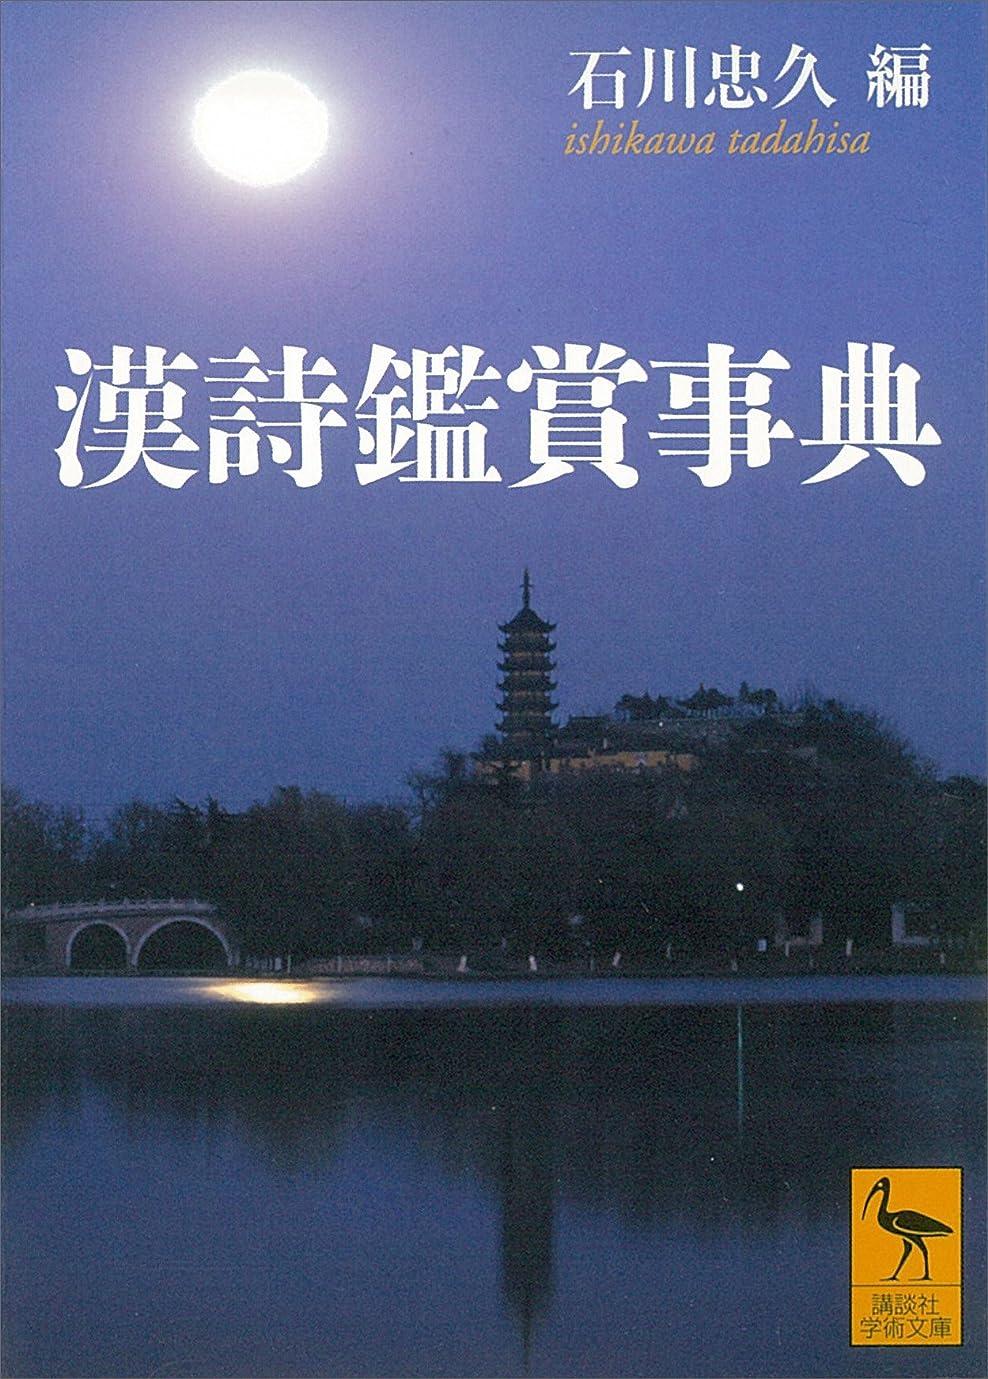 フルーティー俳句定期的な漢詩鑑賞事典 (講談社学術文庫)